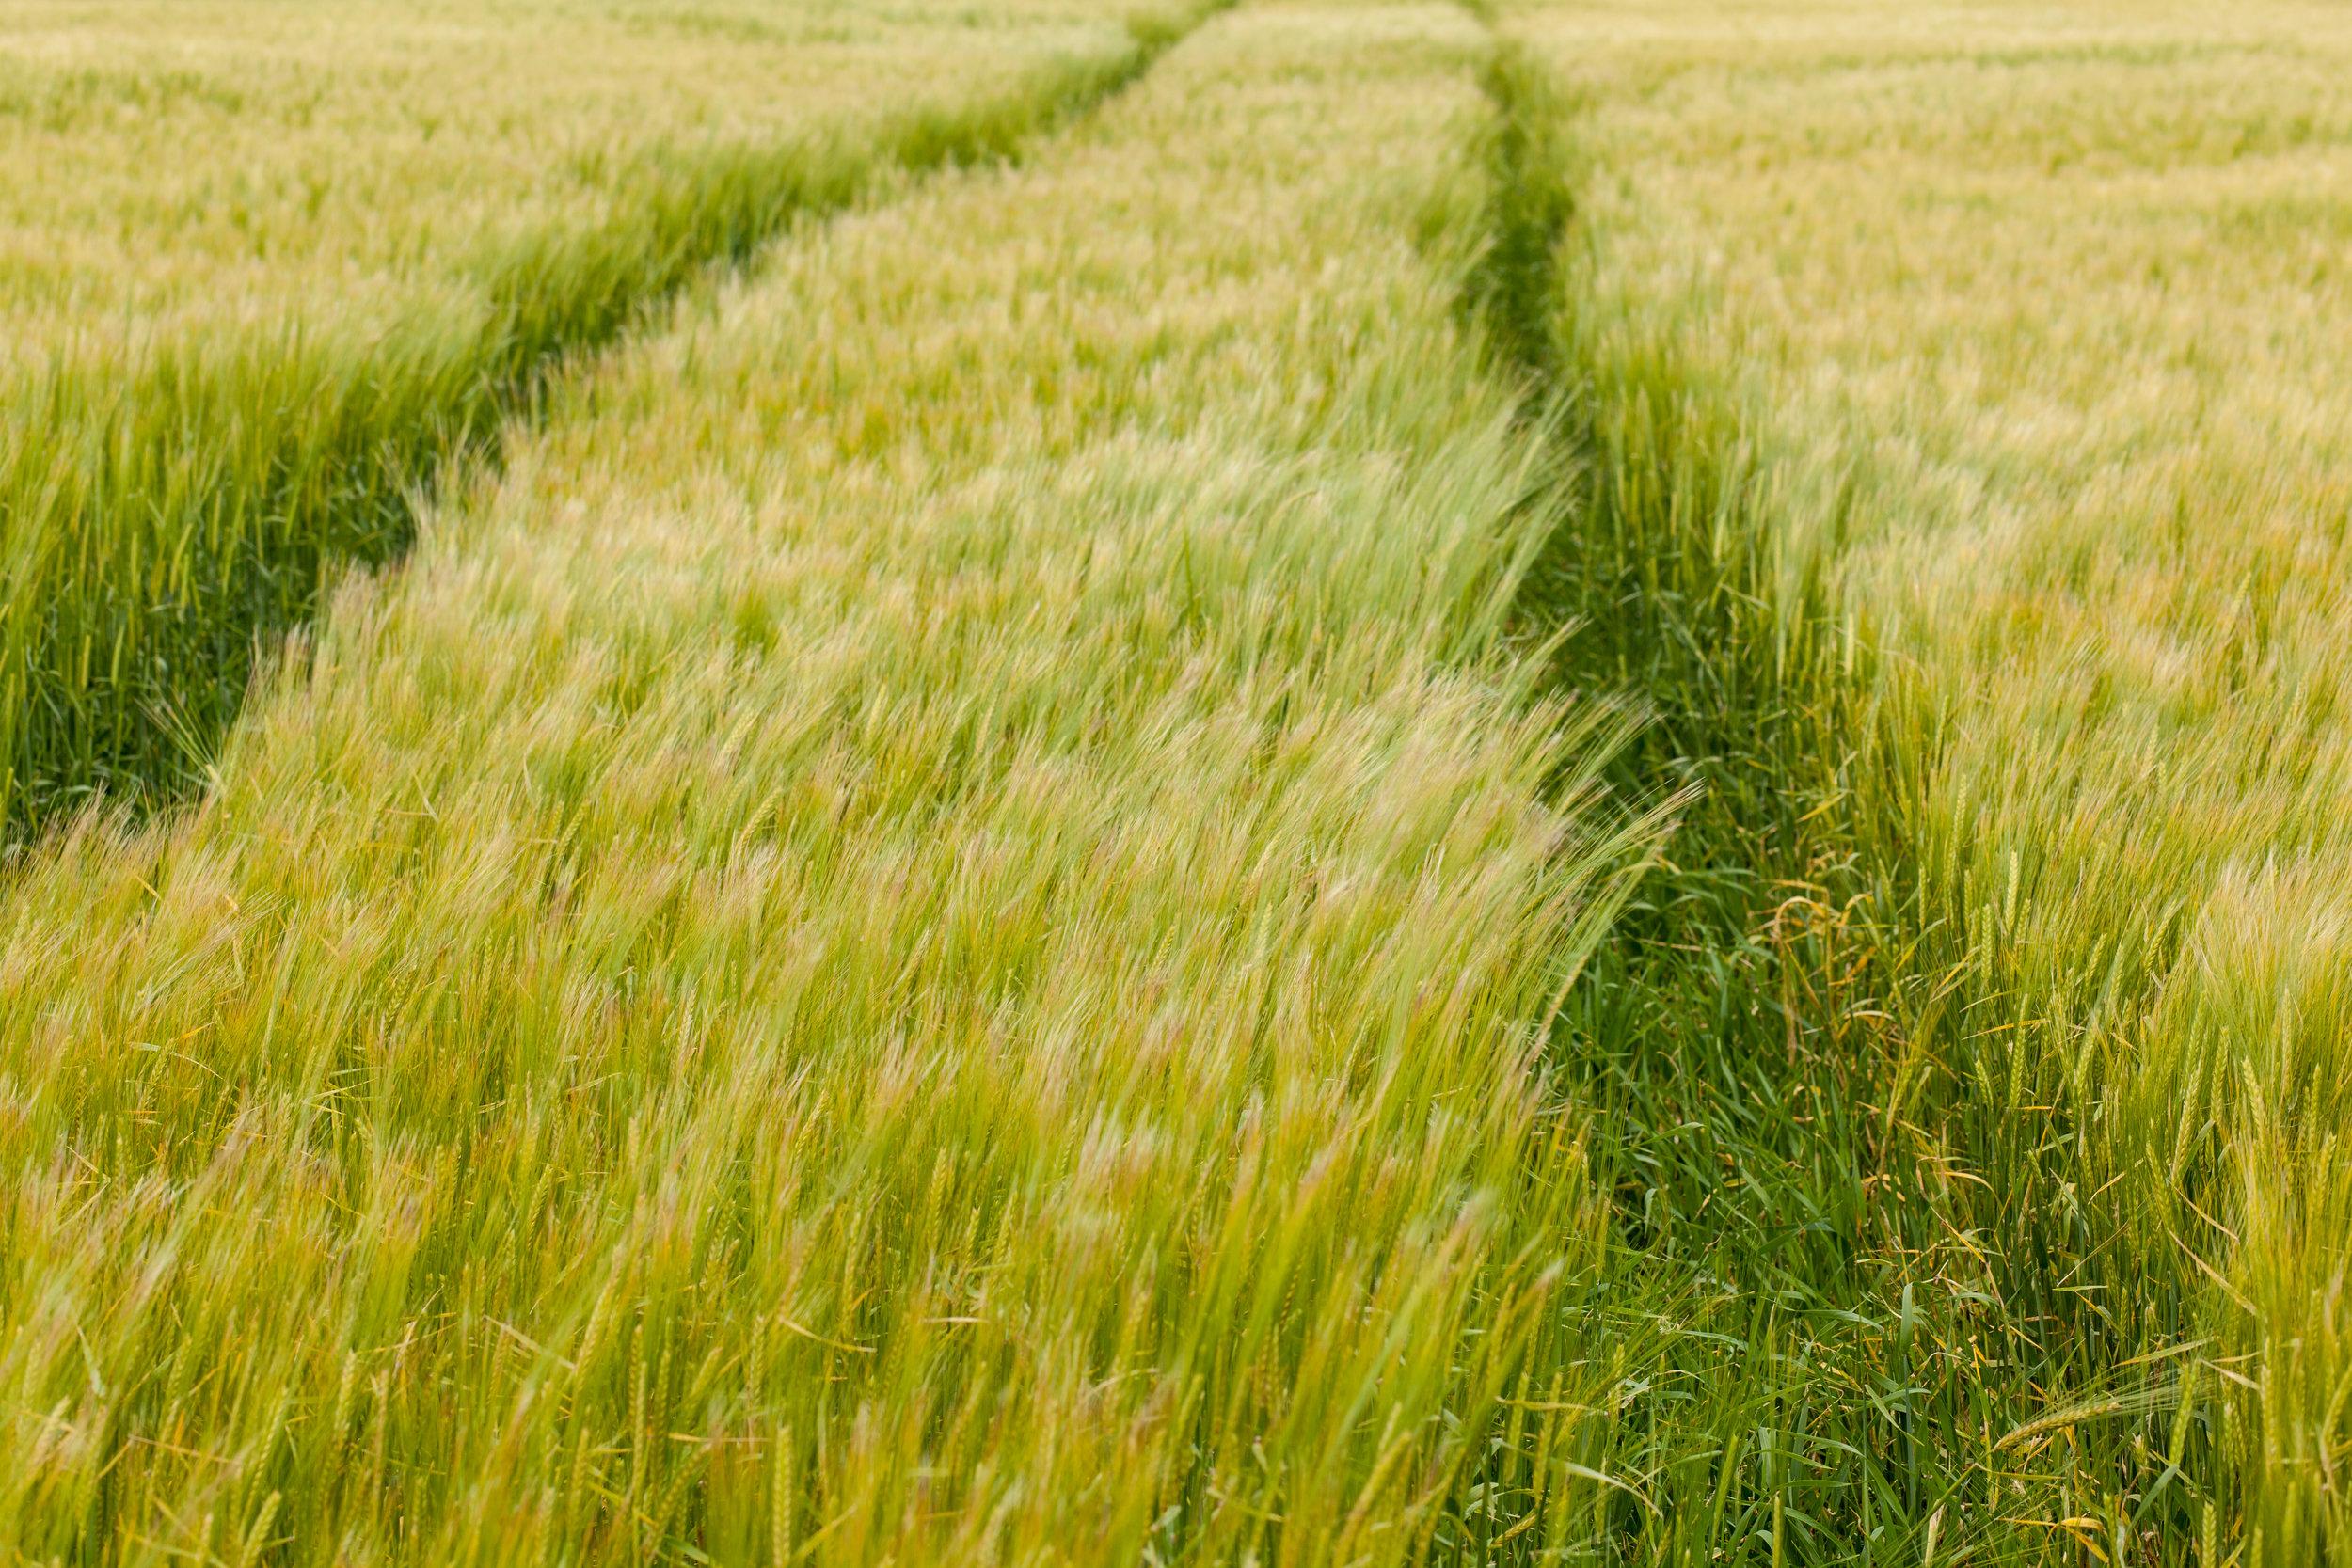 A farmers field in Scotland.